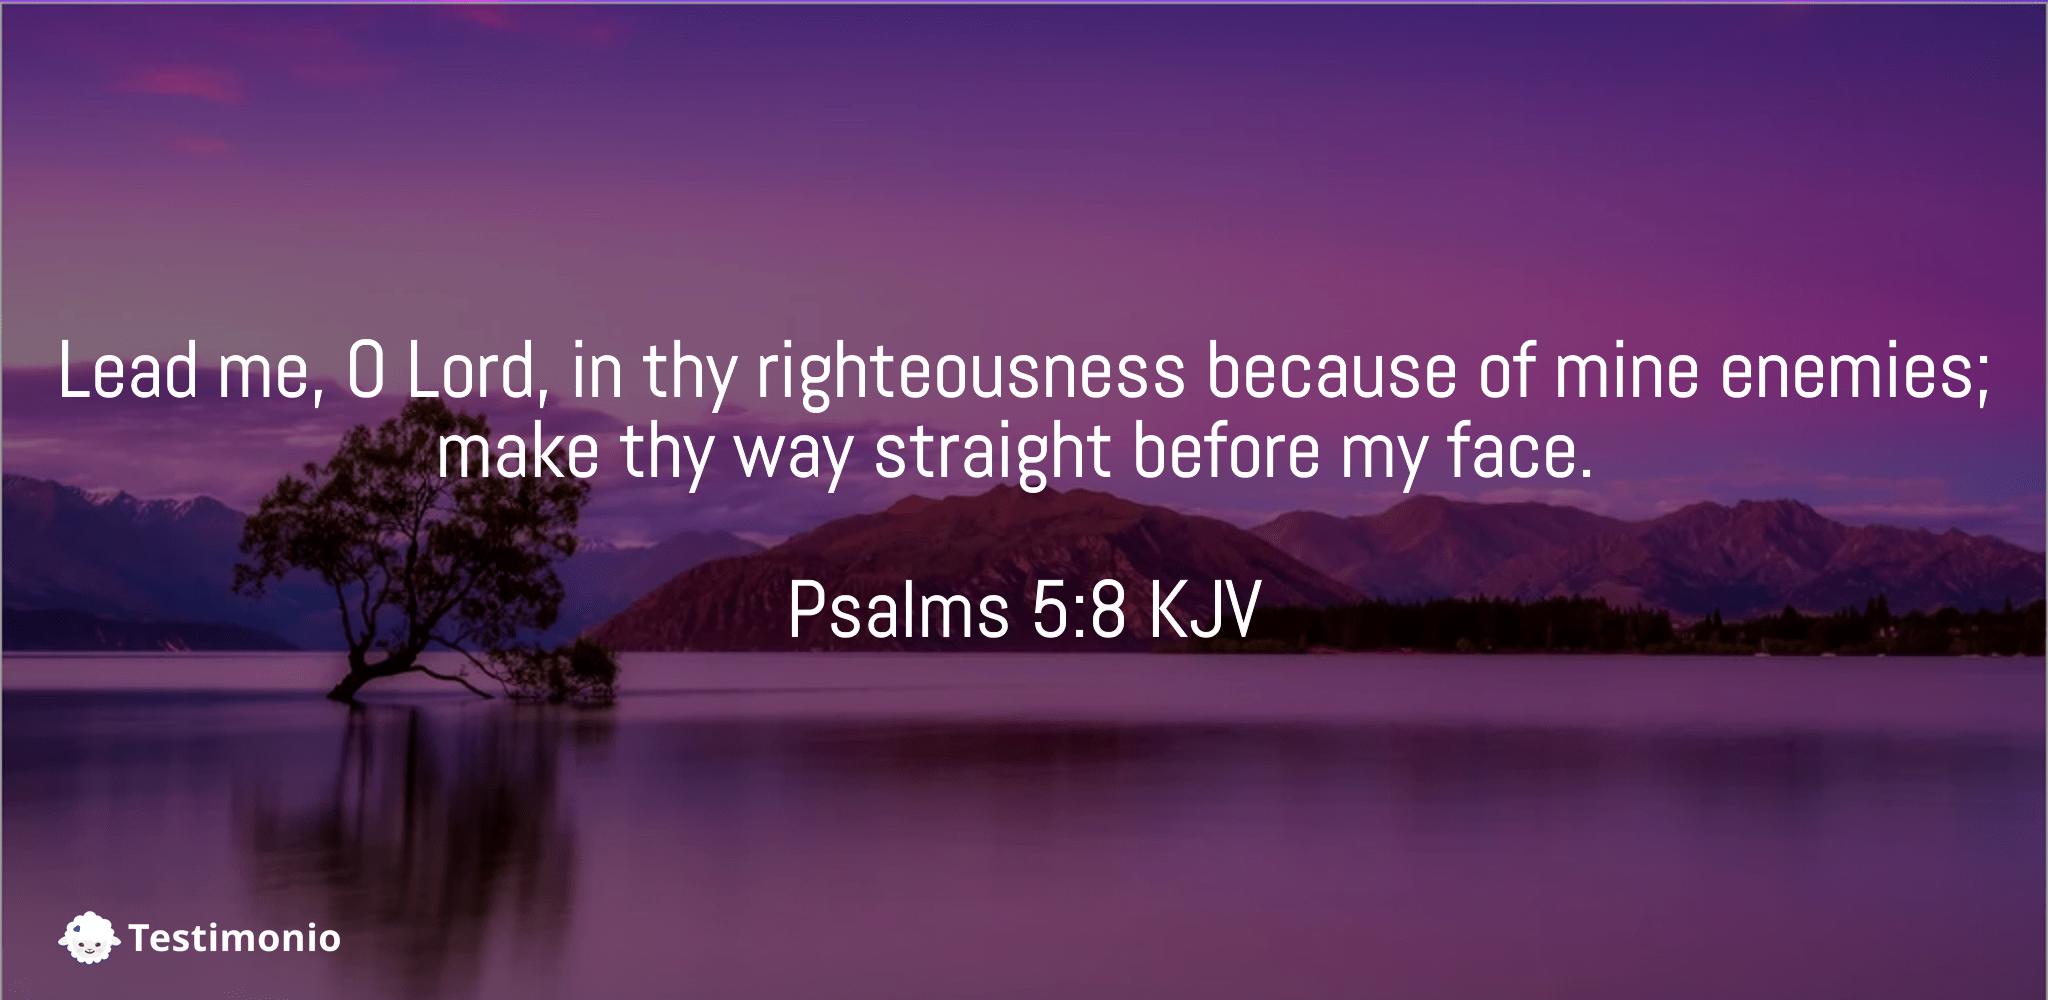 Psalms 5:8